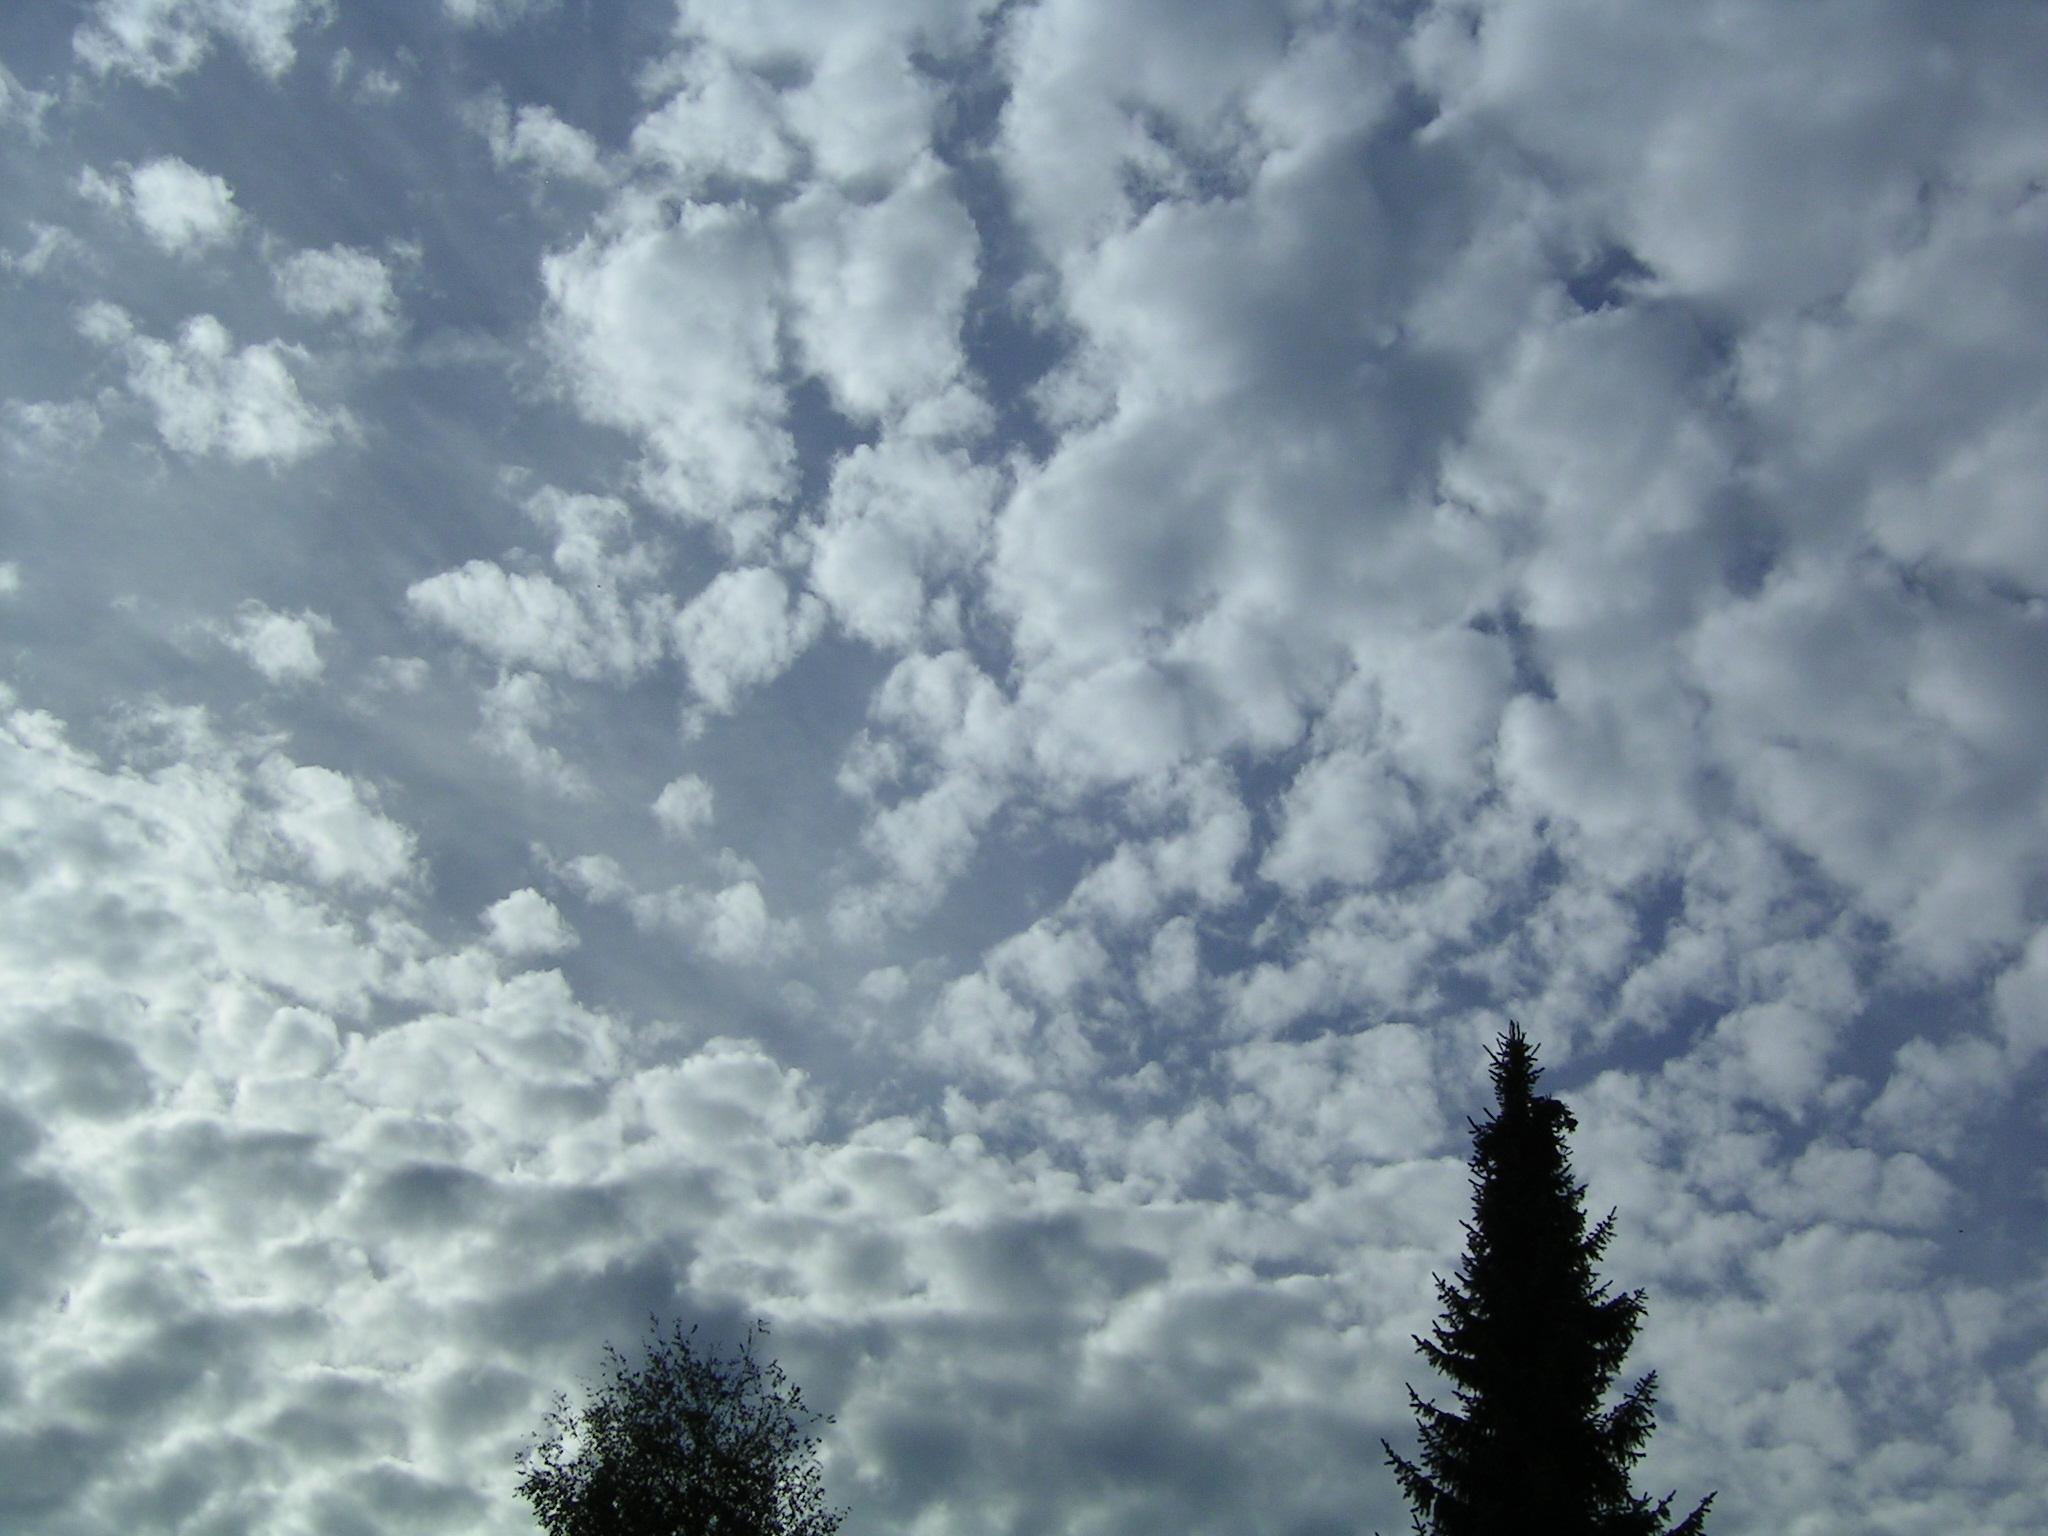 File:Altocumulus se 2.jpg - Wikimedia Commons |Stratocumulus Clouds Description